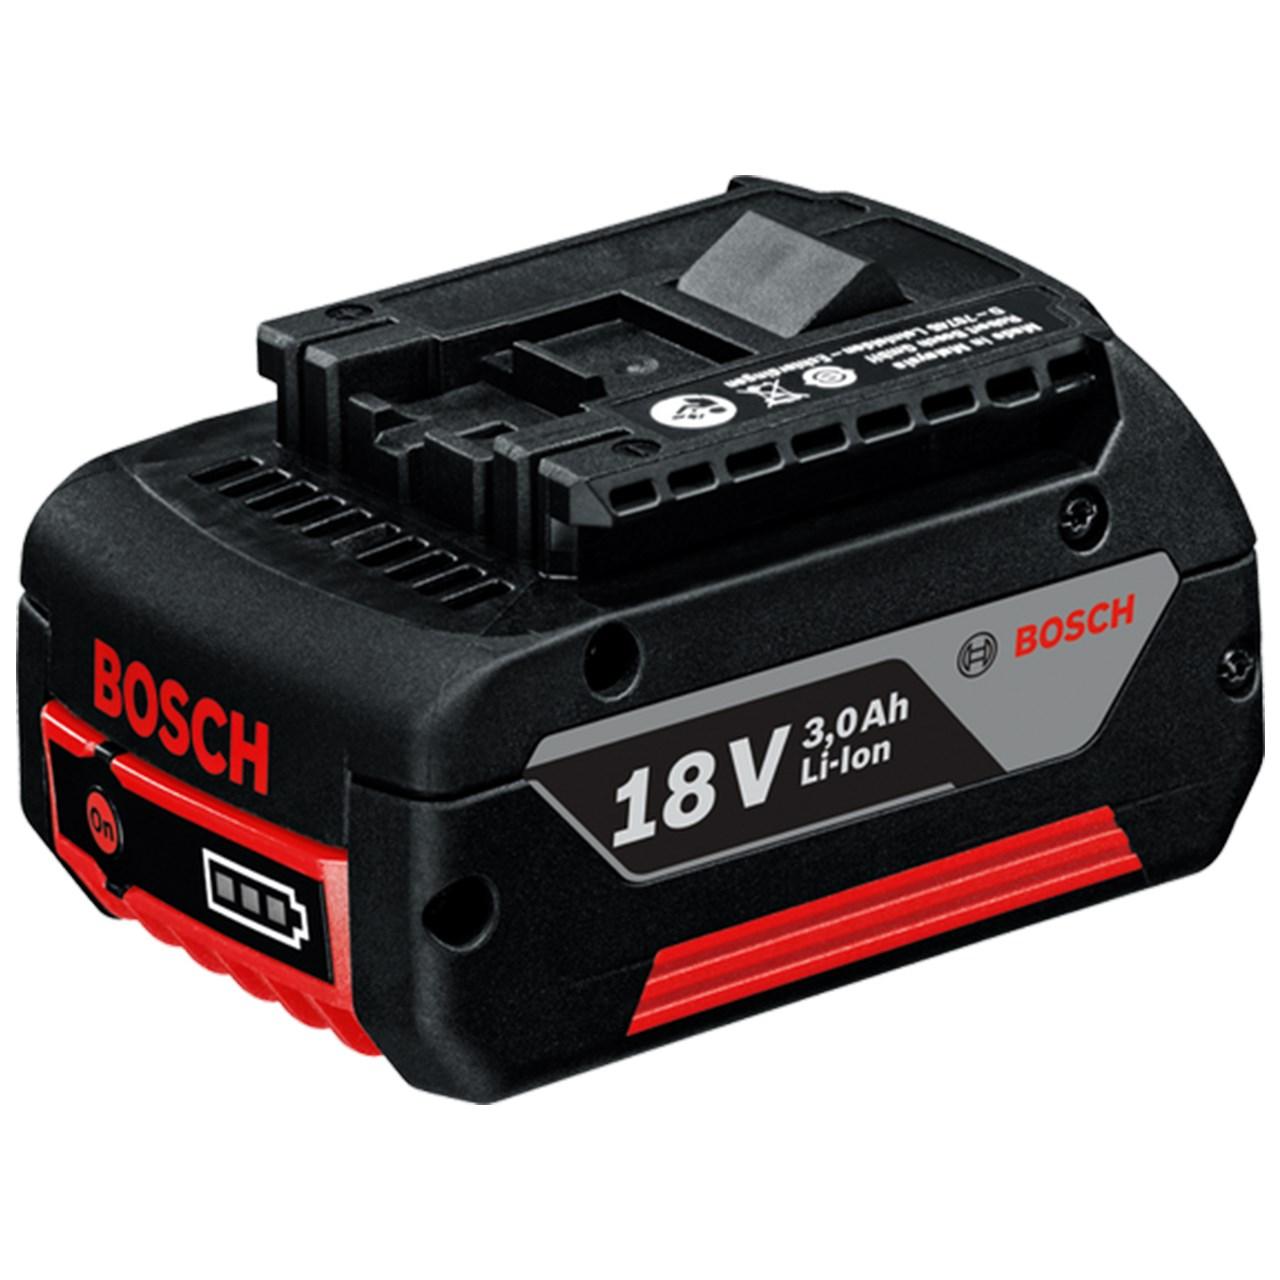 باتری 18 ولتی بوش مدل GBA 18V 3.0Ah